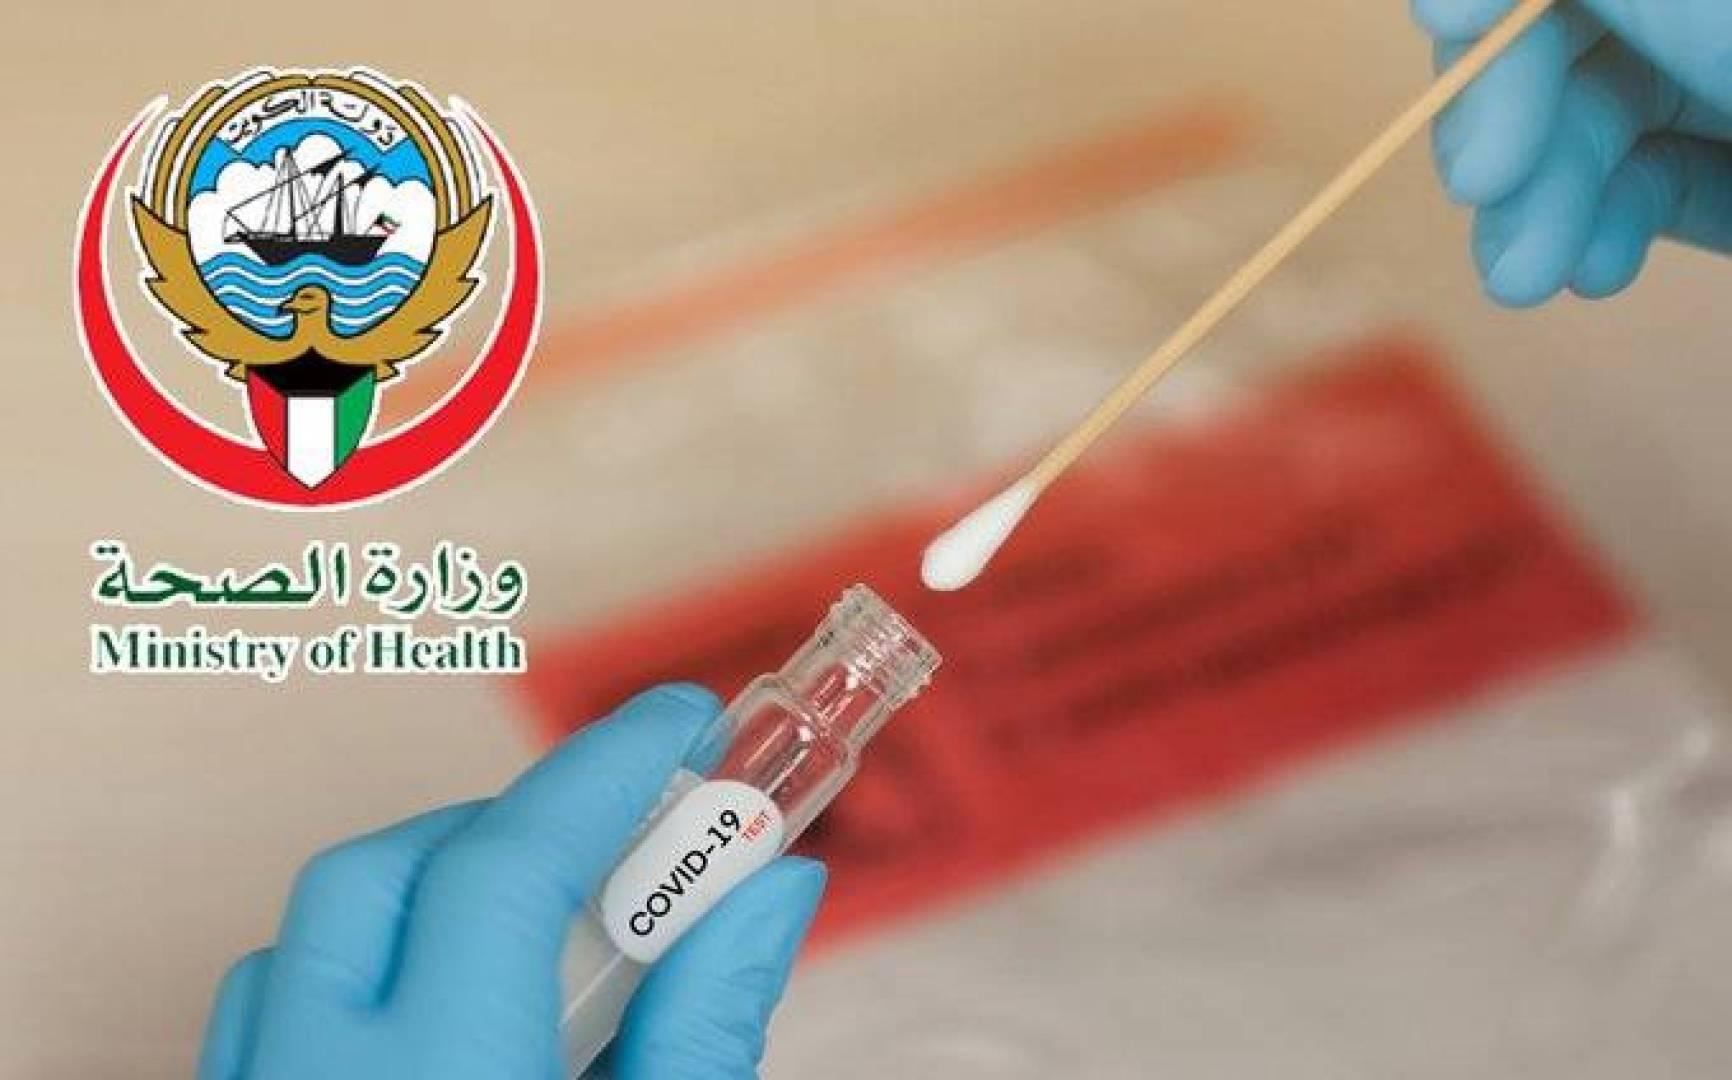 «الصحة»: مسحات كورونا مستمرة لرصد المصابين والمخالطين